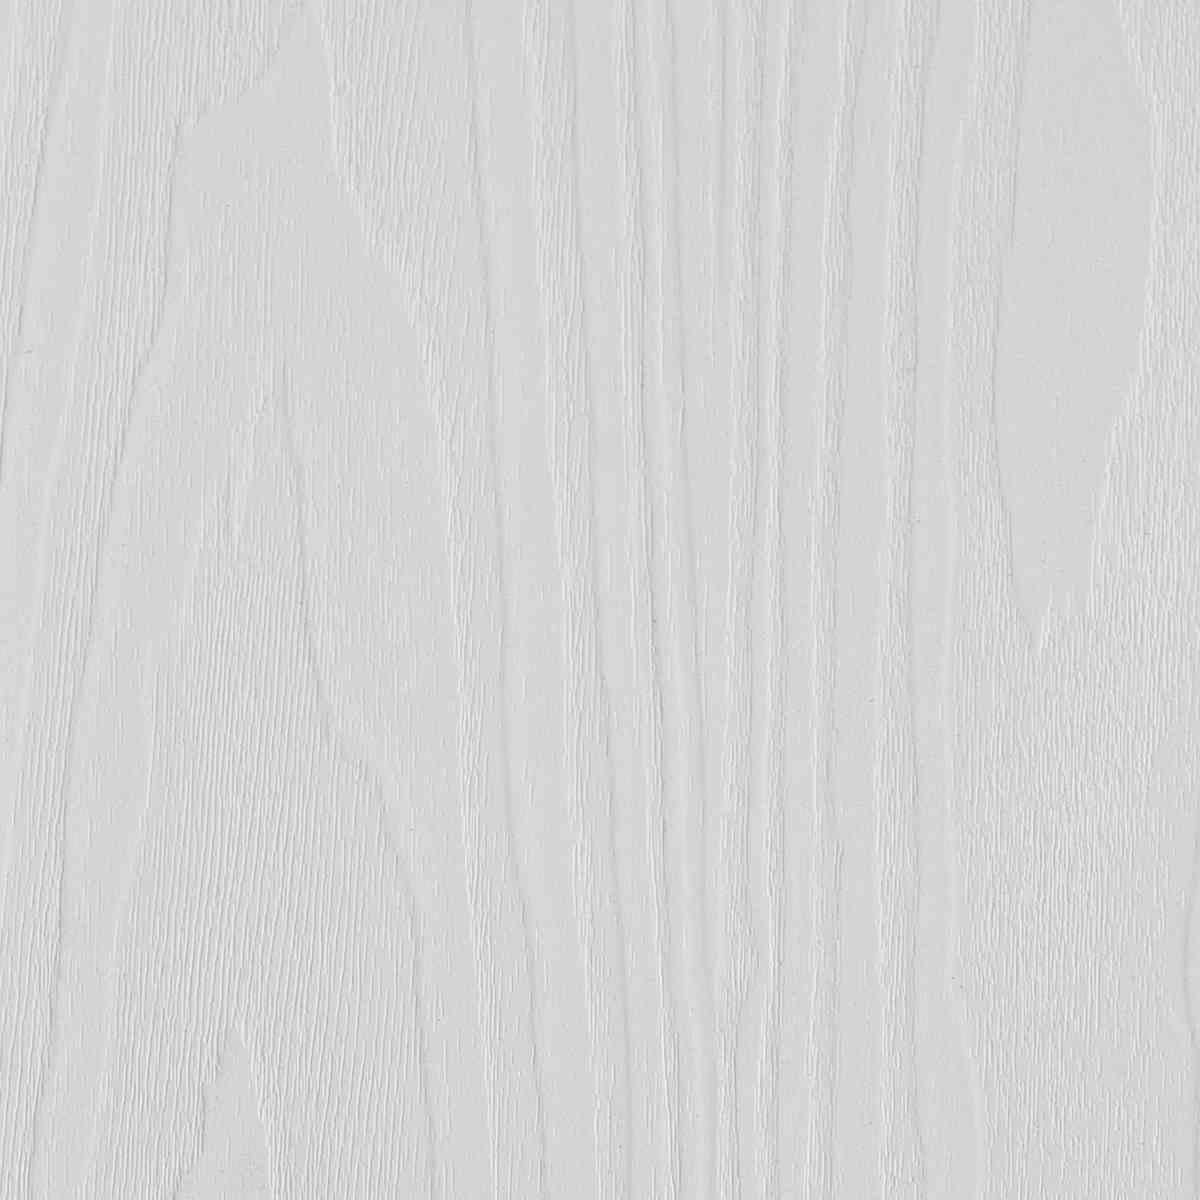 1140 White Millenium